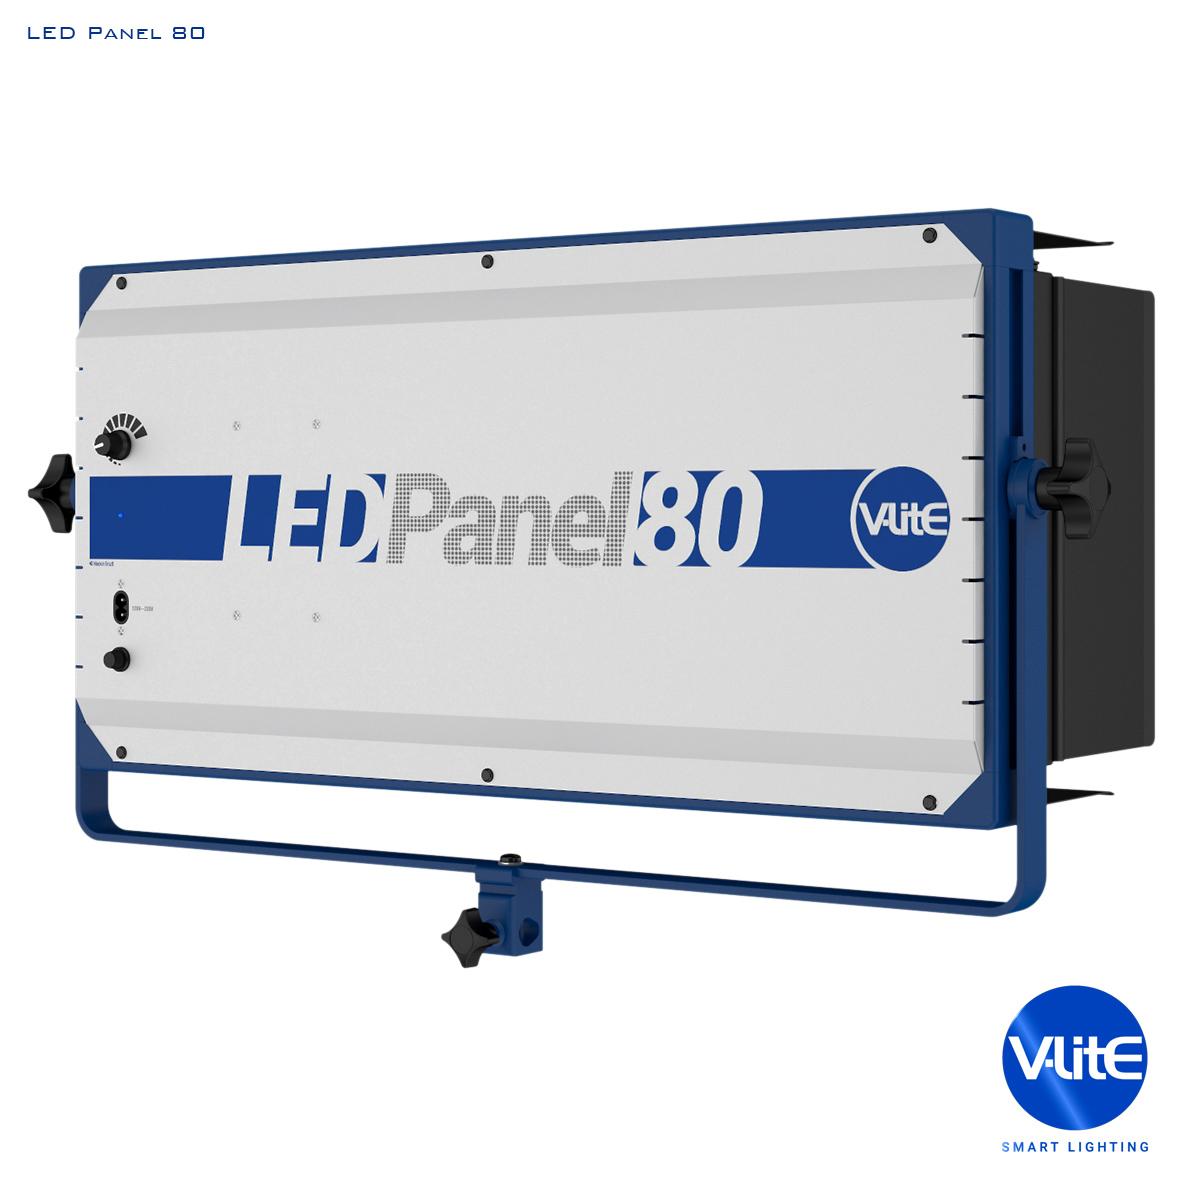 LED Panel 80   V-Lite